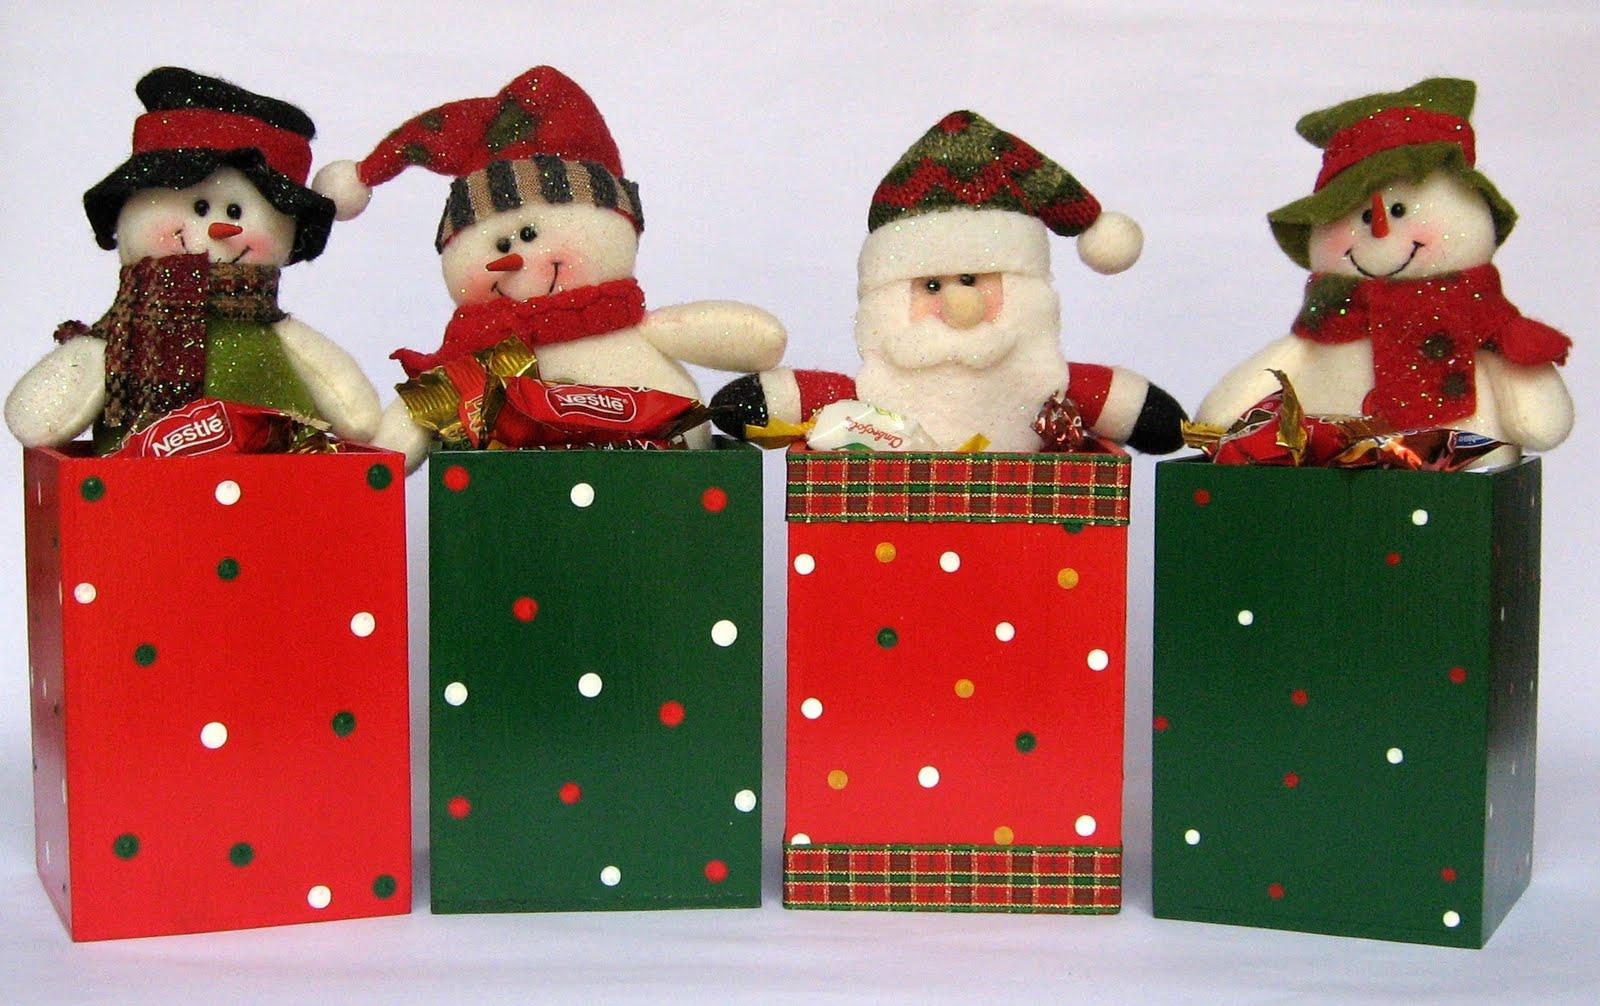 Detalles navide os - Cajas con motivos navidenos ...